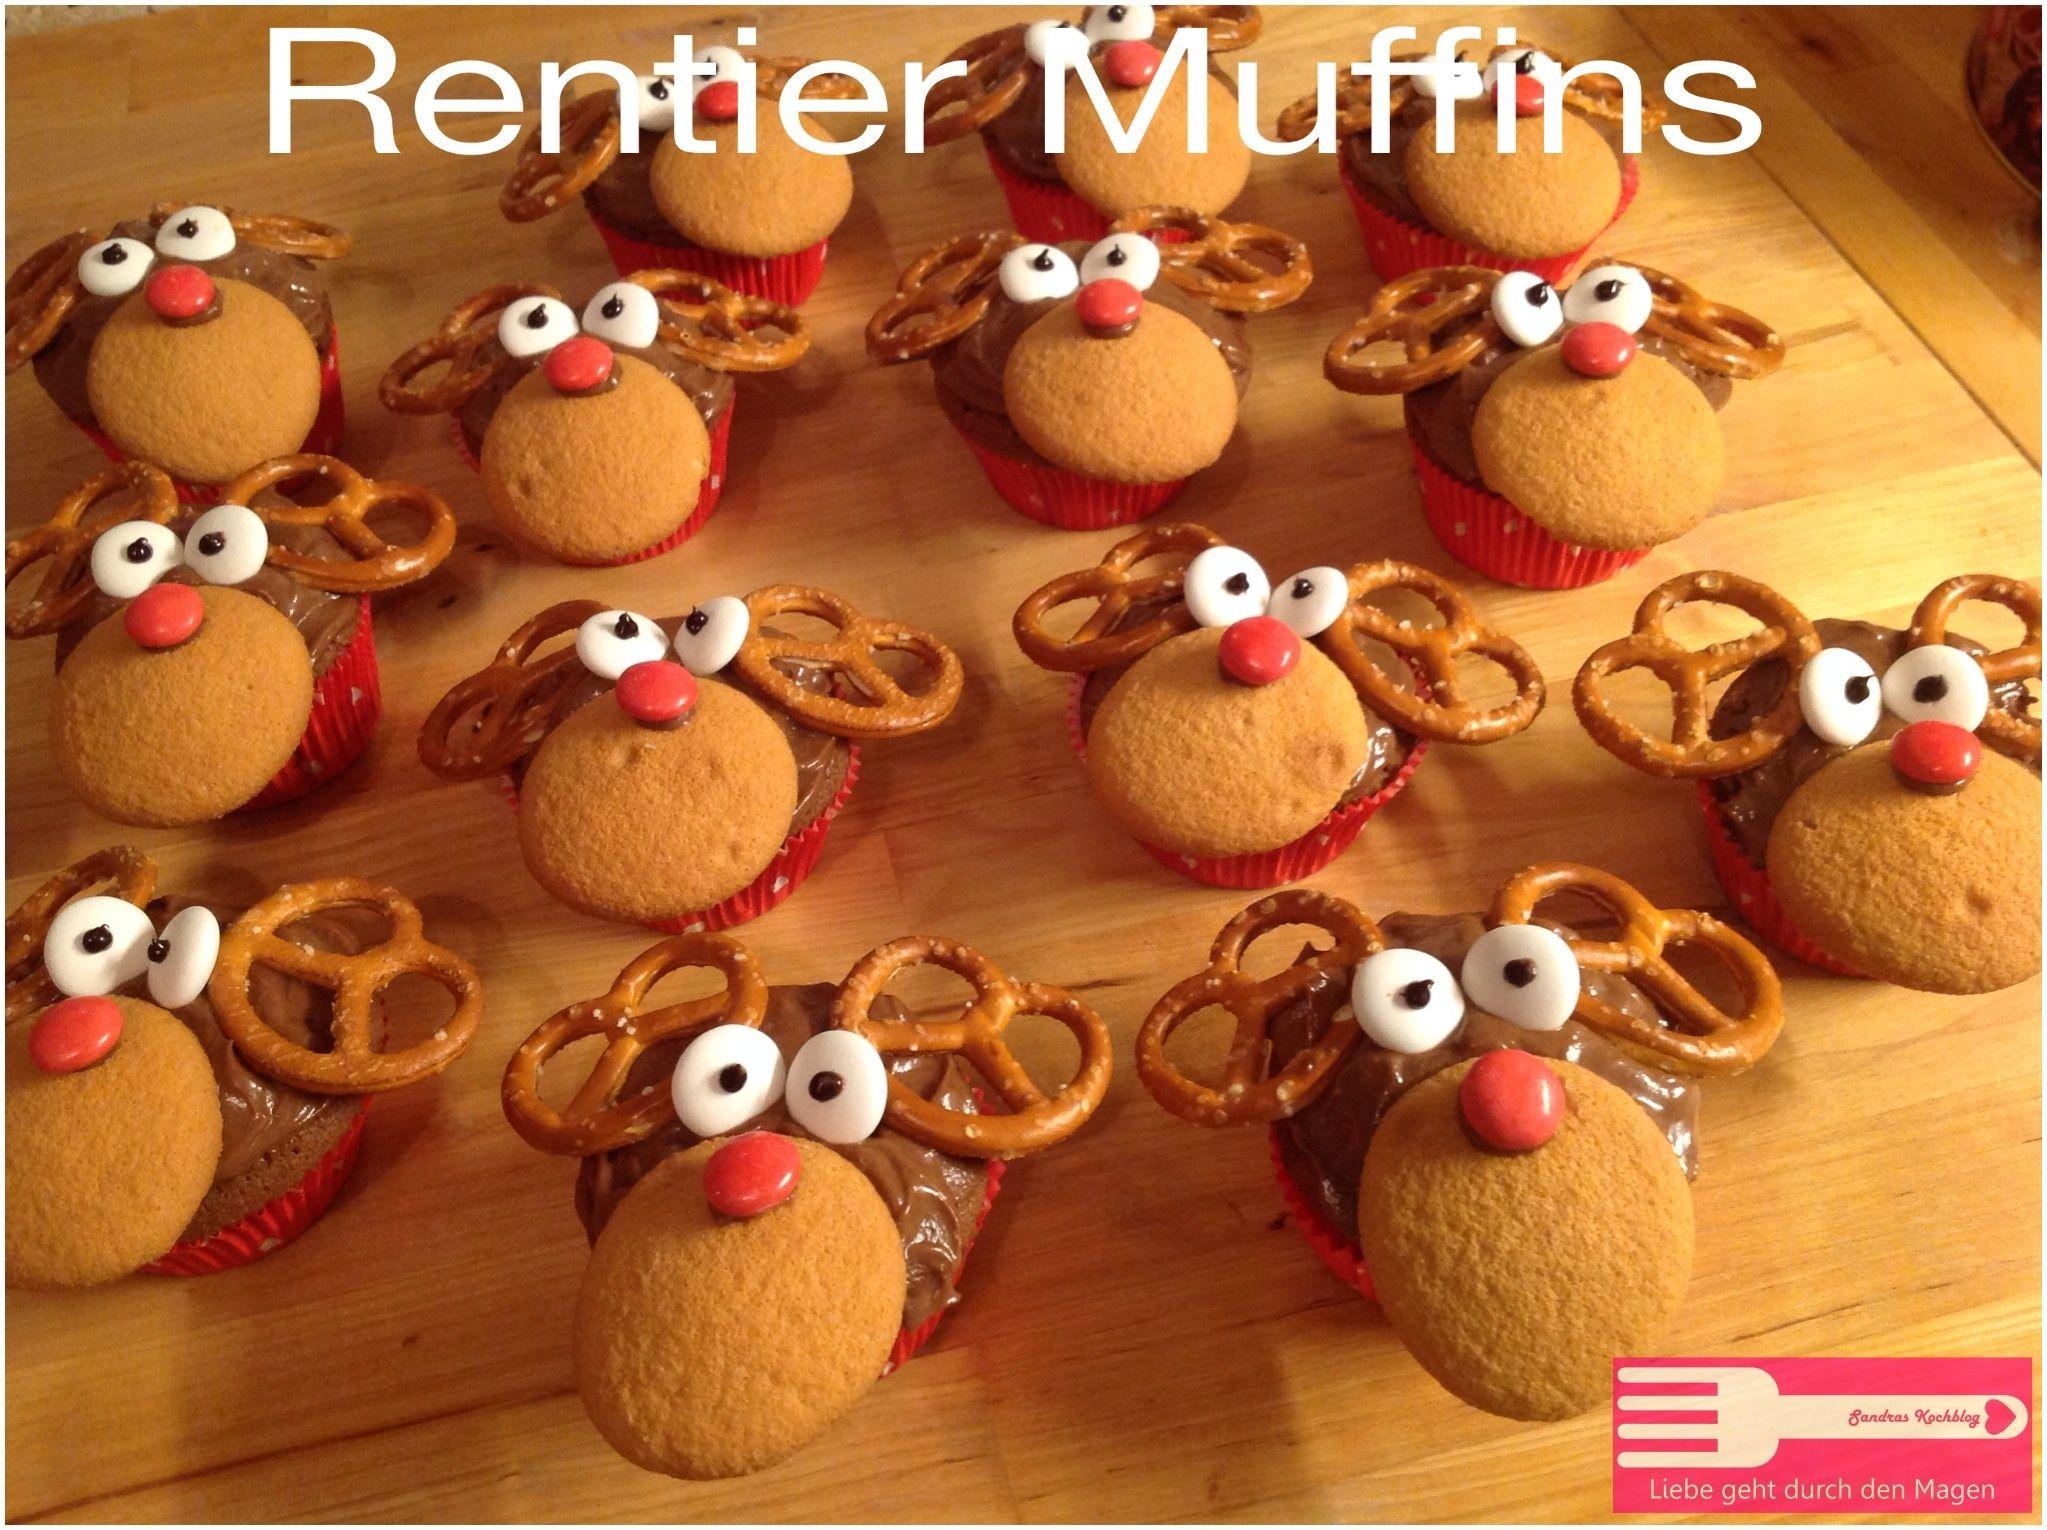 Rentier Muffins - Liebe geht durch den Magen